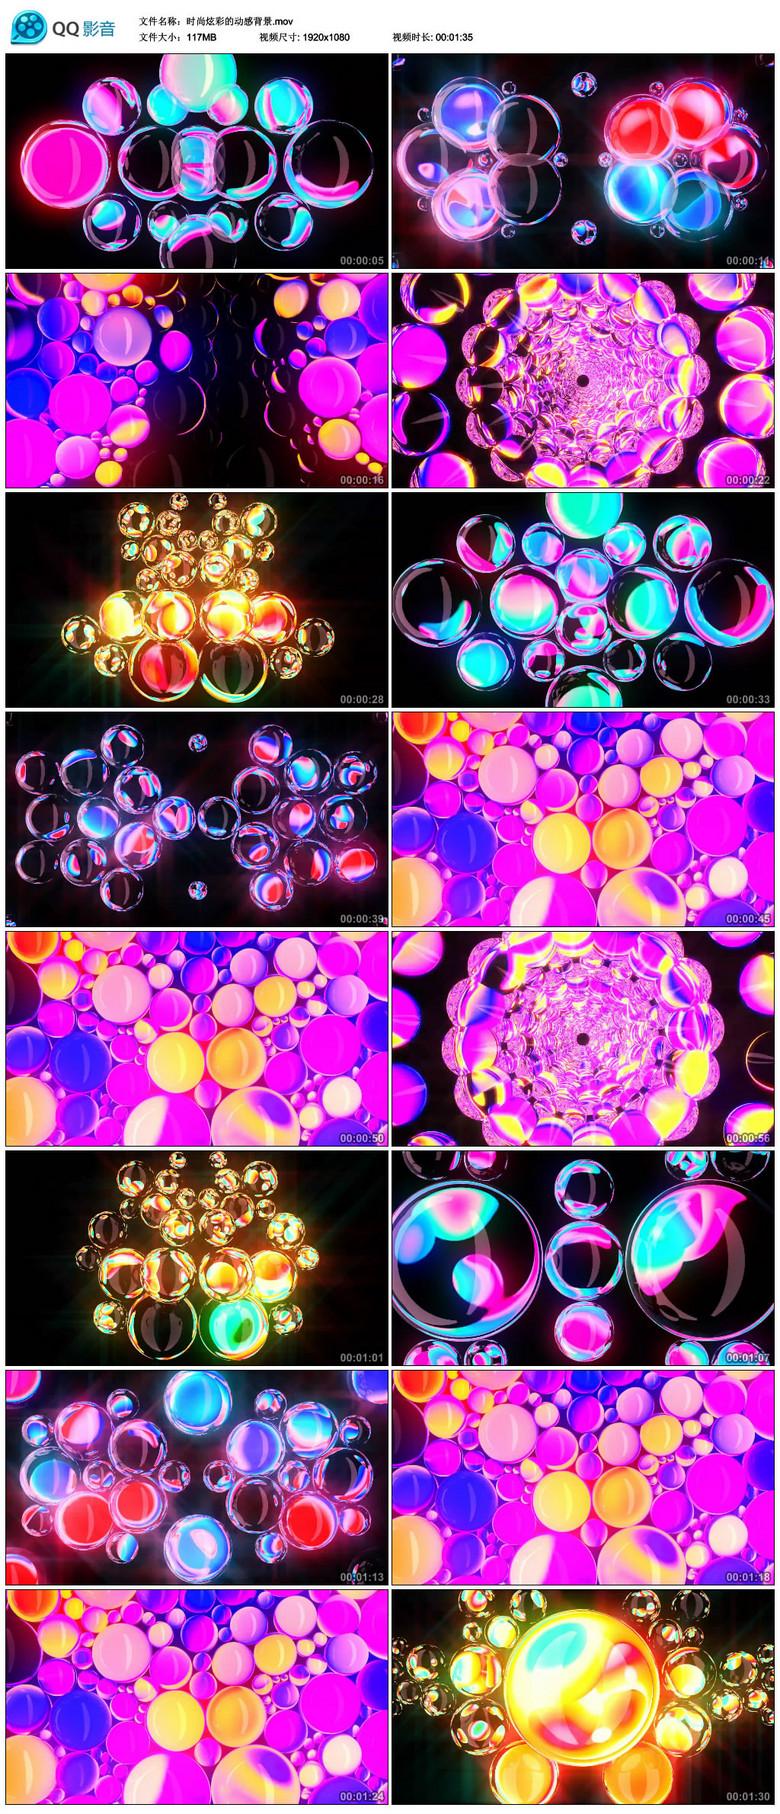 动感节奏街舞舞蹈背景LED视频无限循环模板素材 高清格式下载 视频